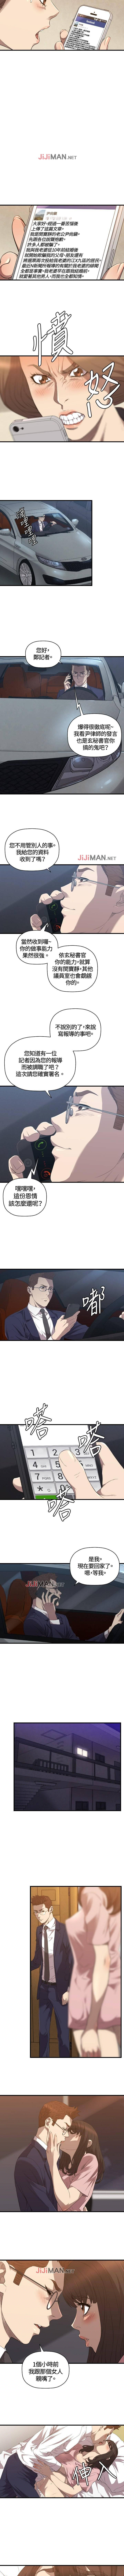 【已完结】索多玛俱乐部(作者:何藝媛&庫奈尼) 第1~32话 126